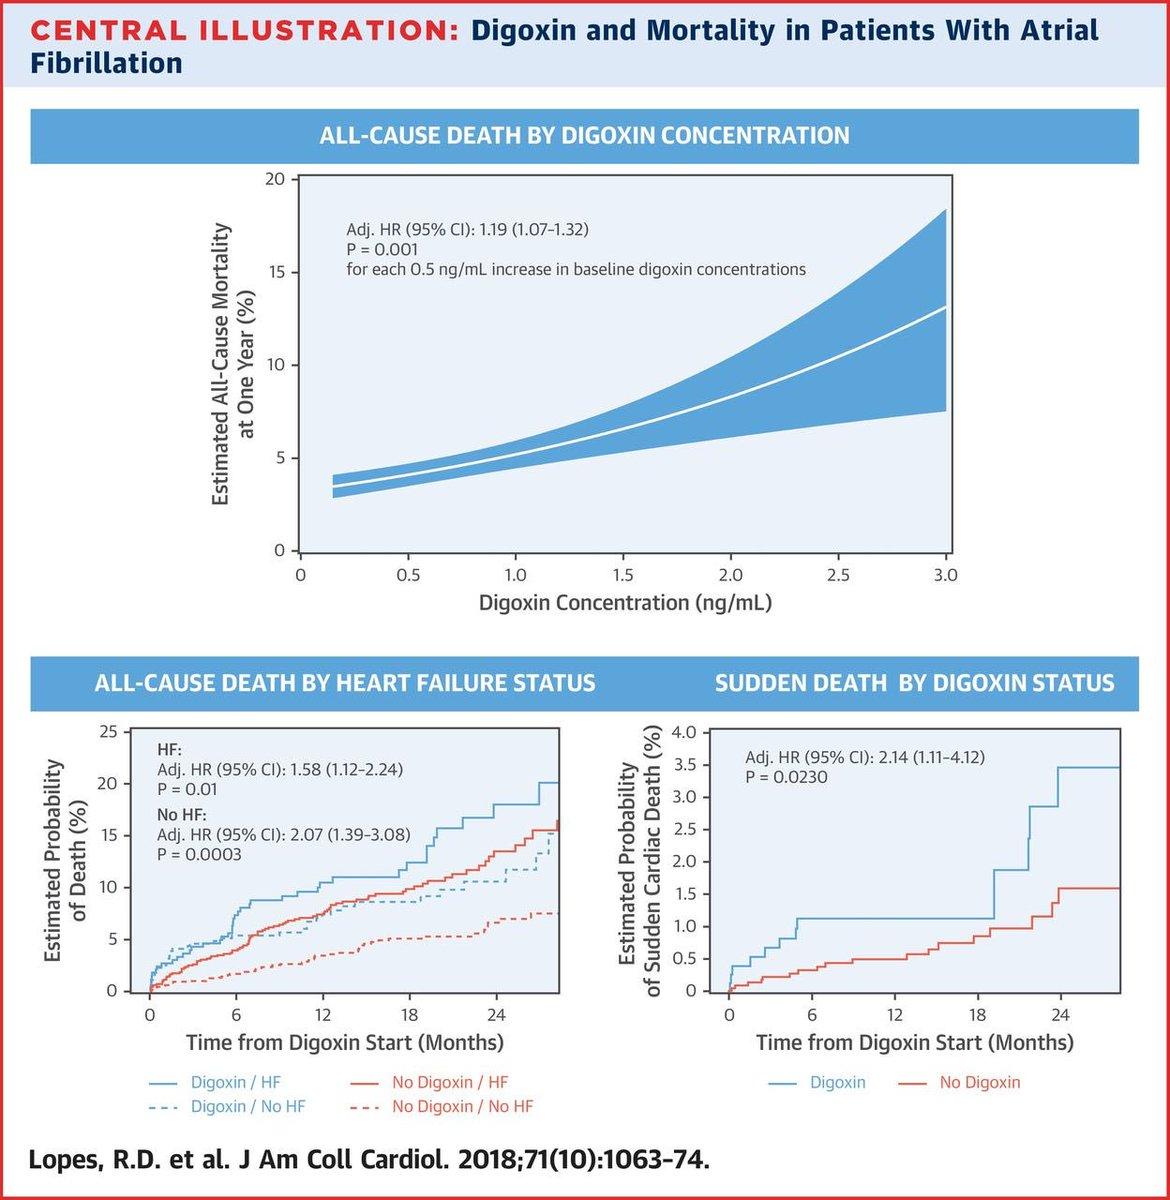 Aumento de mortalidad en pacientes con Fibrilación Auricular relacionado con la Digoxina http://www.onlinejacc.org/content/71/10/1063?sso=1&sso_redirect_count=1&access_token=… @secardiologia @RevEspCardiol @luisrpadial @blogarritmias